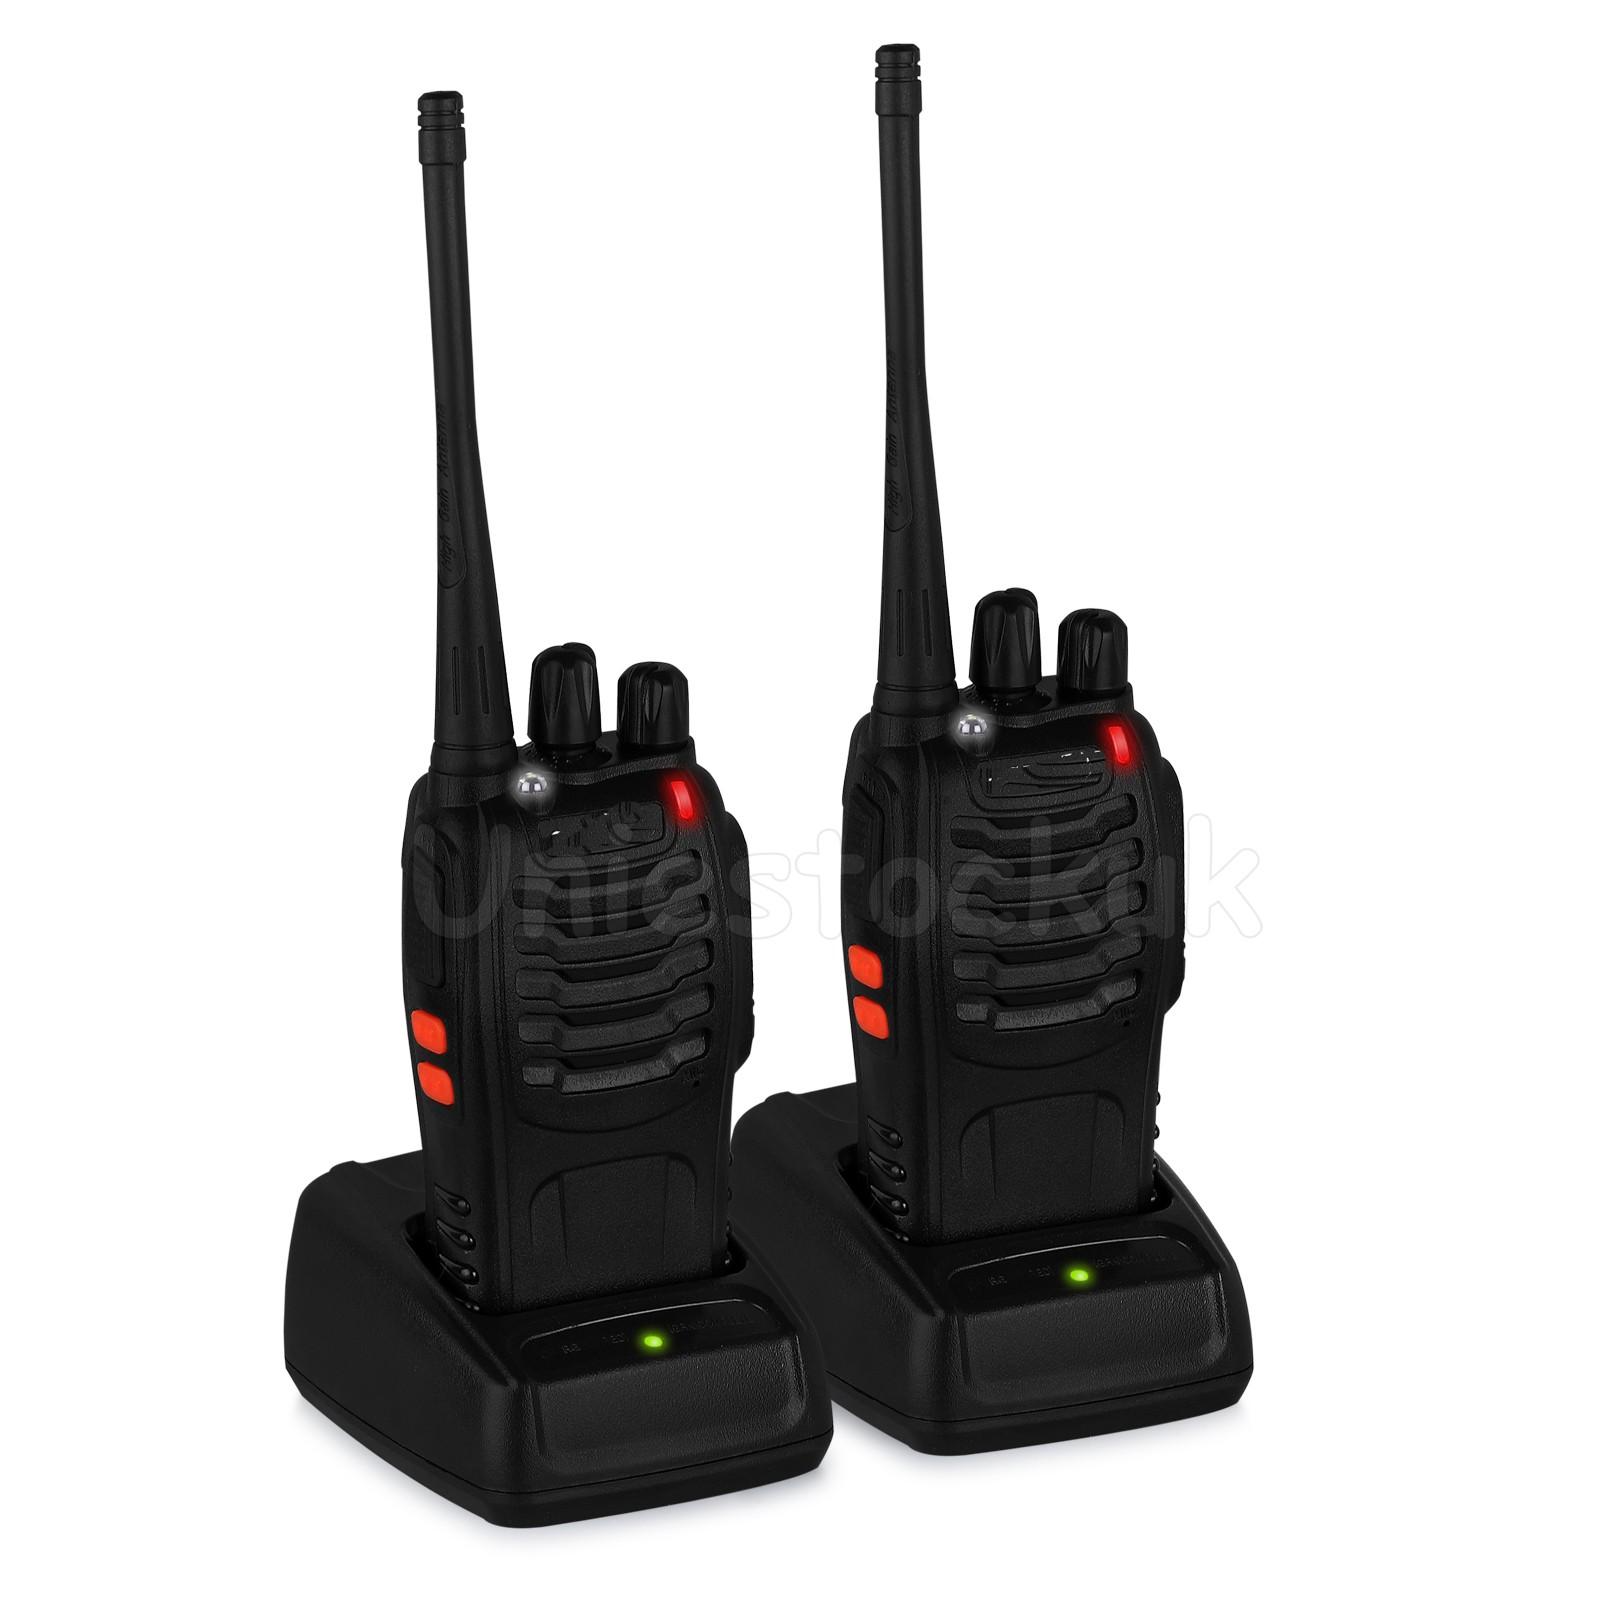 2xbaofeng bf 888s uhf 400 470mhz two way radio range walkie talkie earpiece 760352112133 ebay